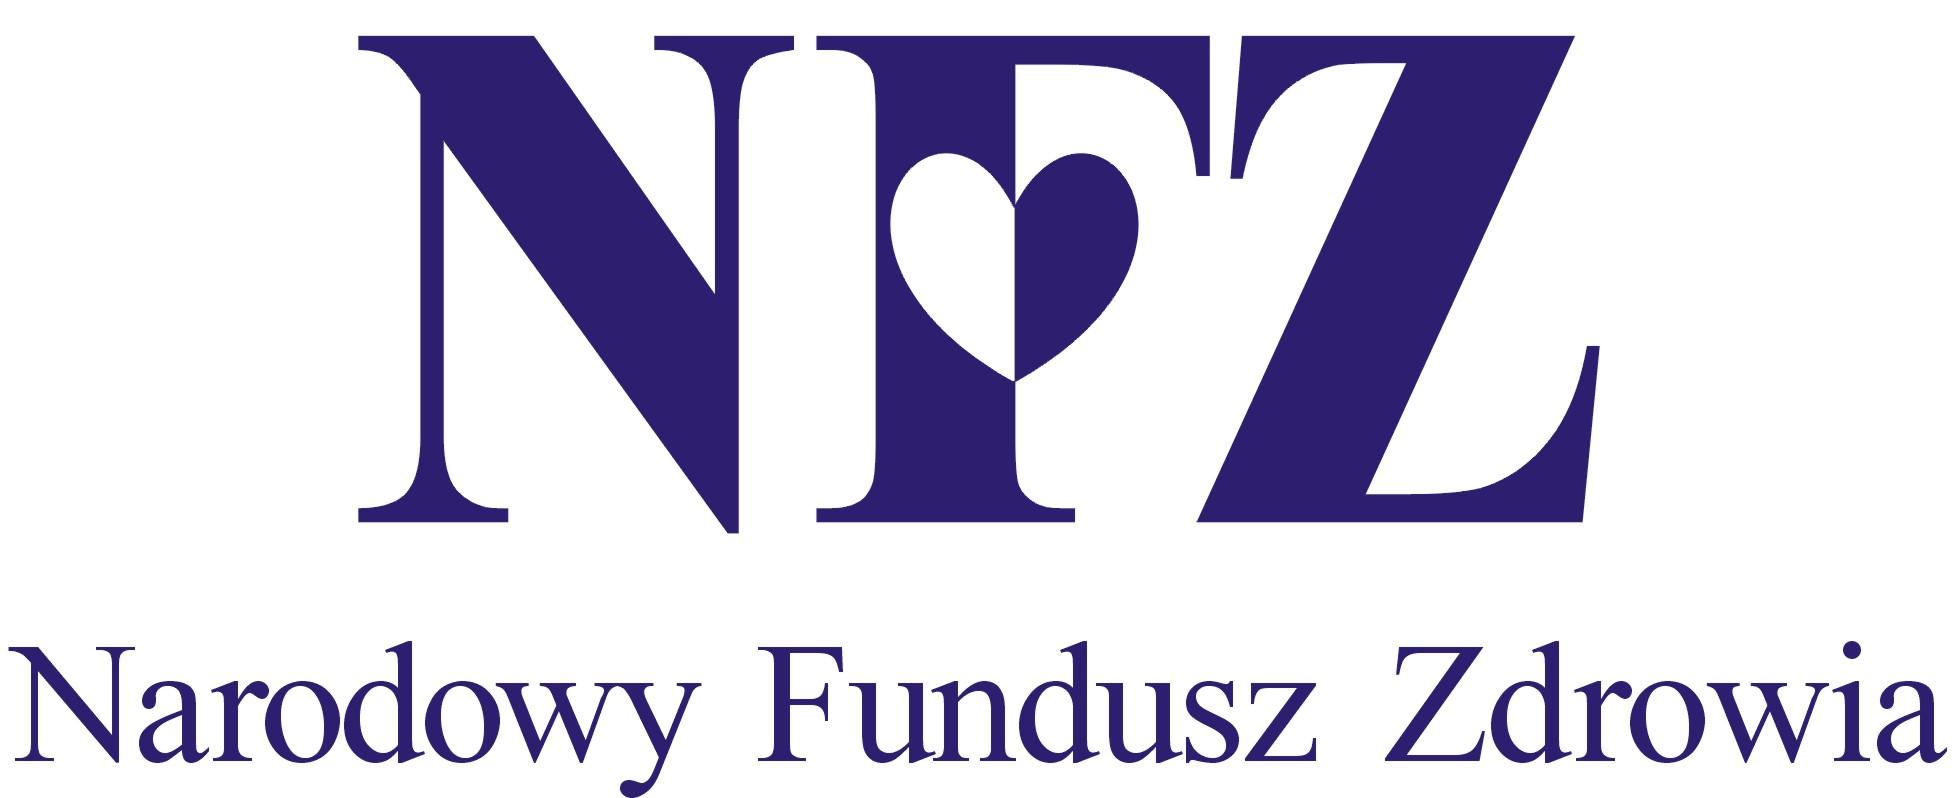 Narodowy Fundusz Zdrowia – logo